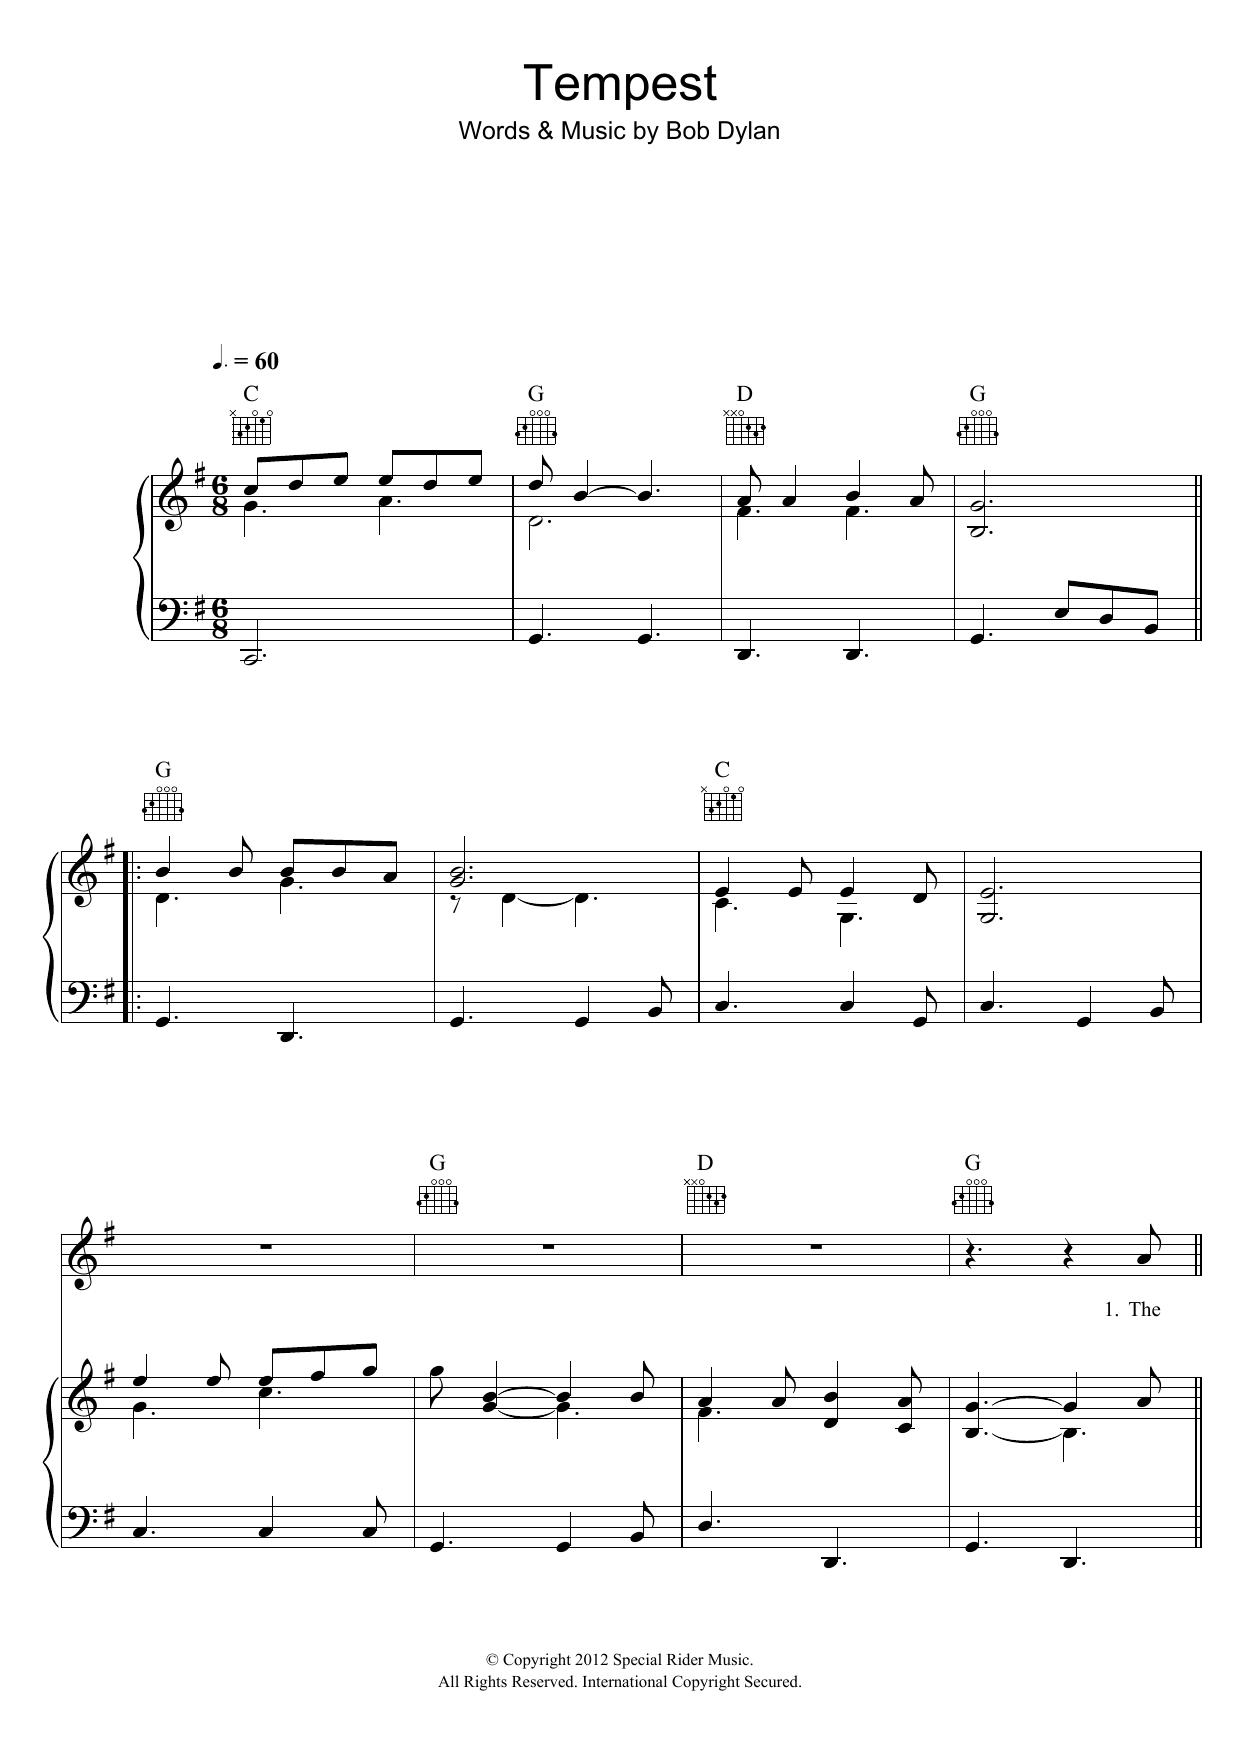 Tempest Sheet Music